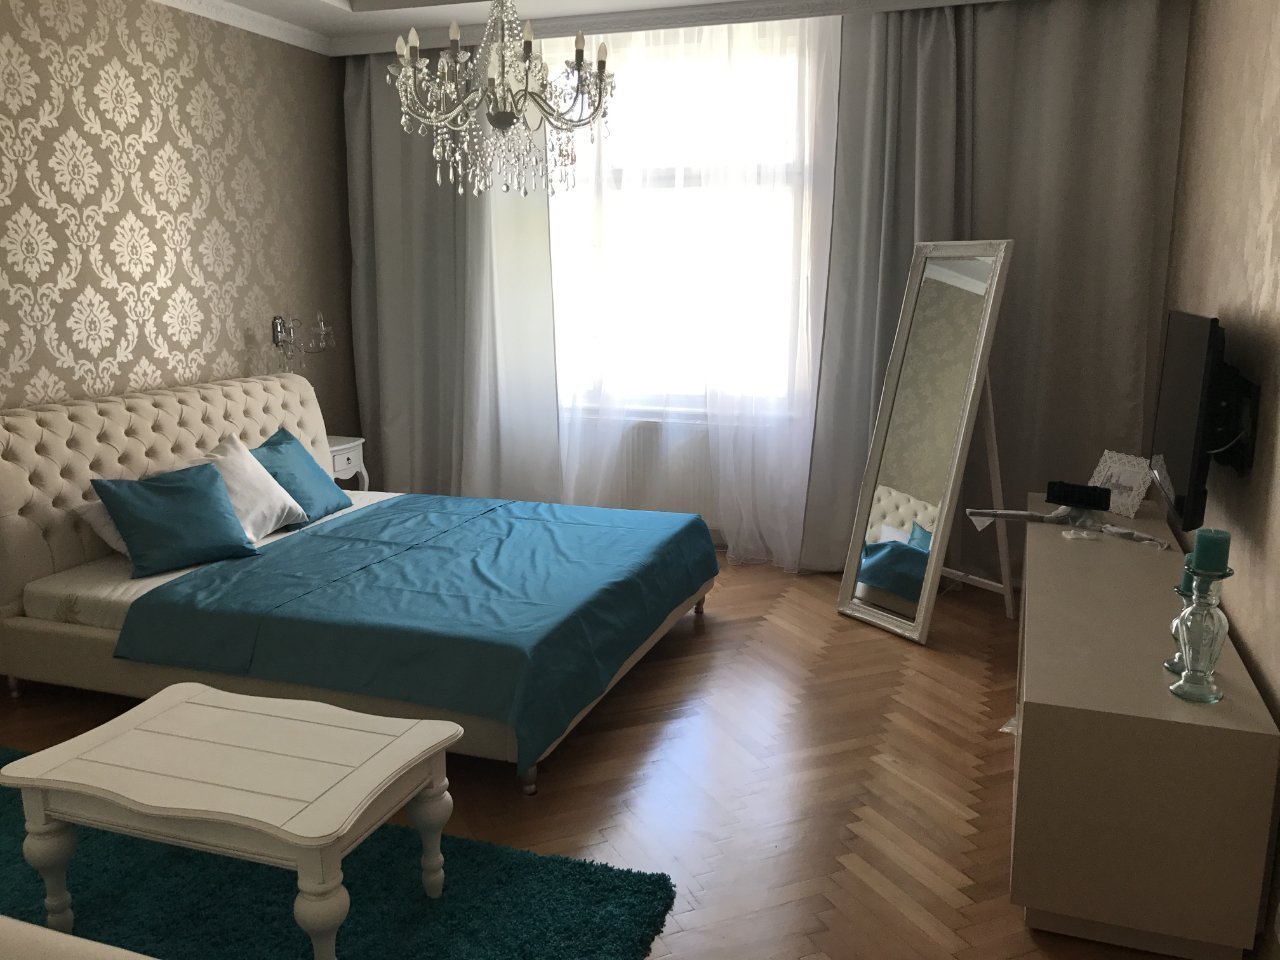 Zde jsme realizovali závěsy a záclony s třpytívými odlesky na přání majitele a doplnili jsme dekoračními polštáři a přehozy přes postel.